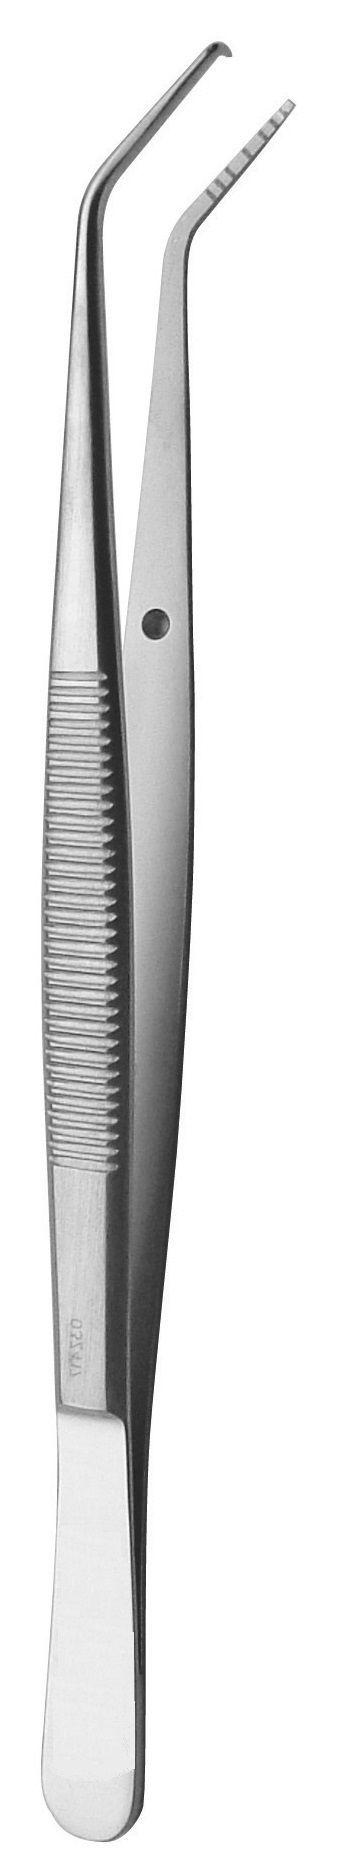 Pinça Periodontal Crane Importada - Caplan Direita - 1021/2 - Medesy